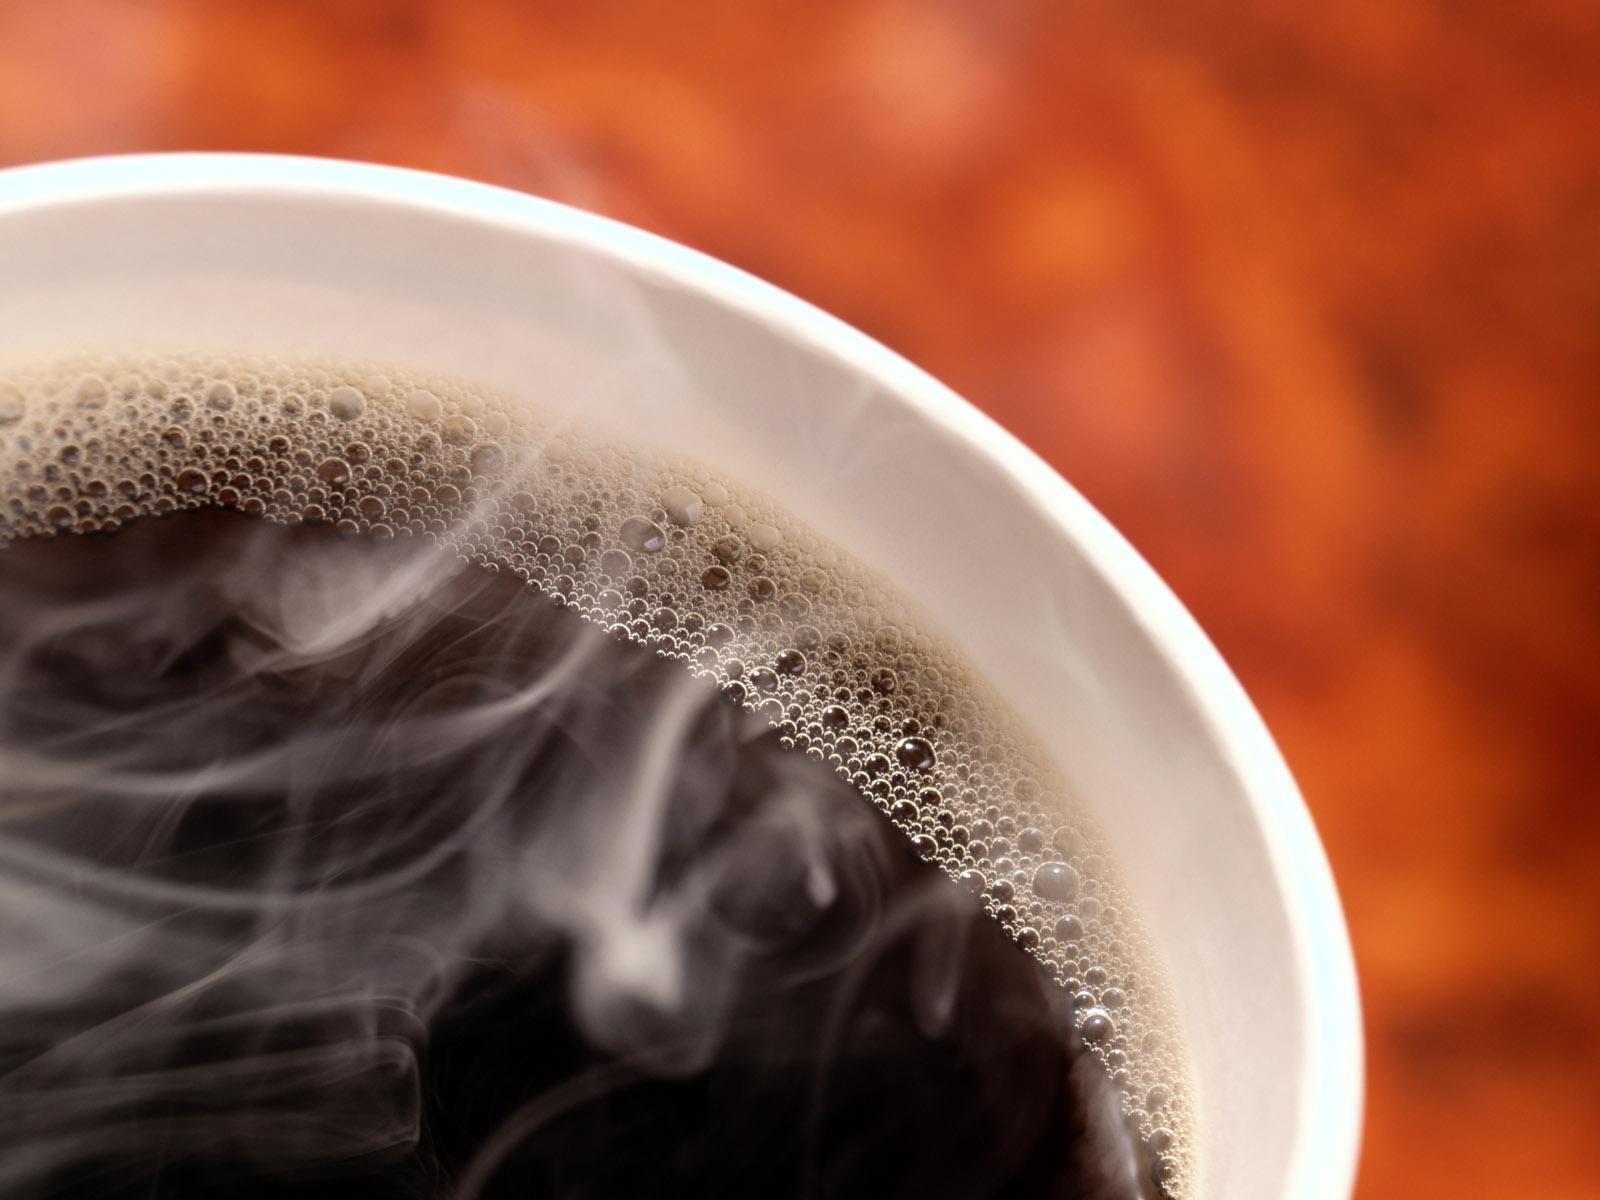 cup of coffee, ароматный кофе, скачать фото, обои для рабочего стола